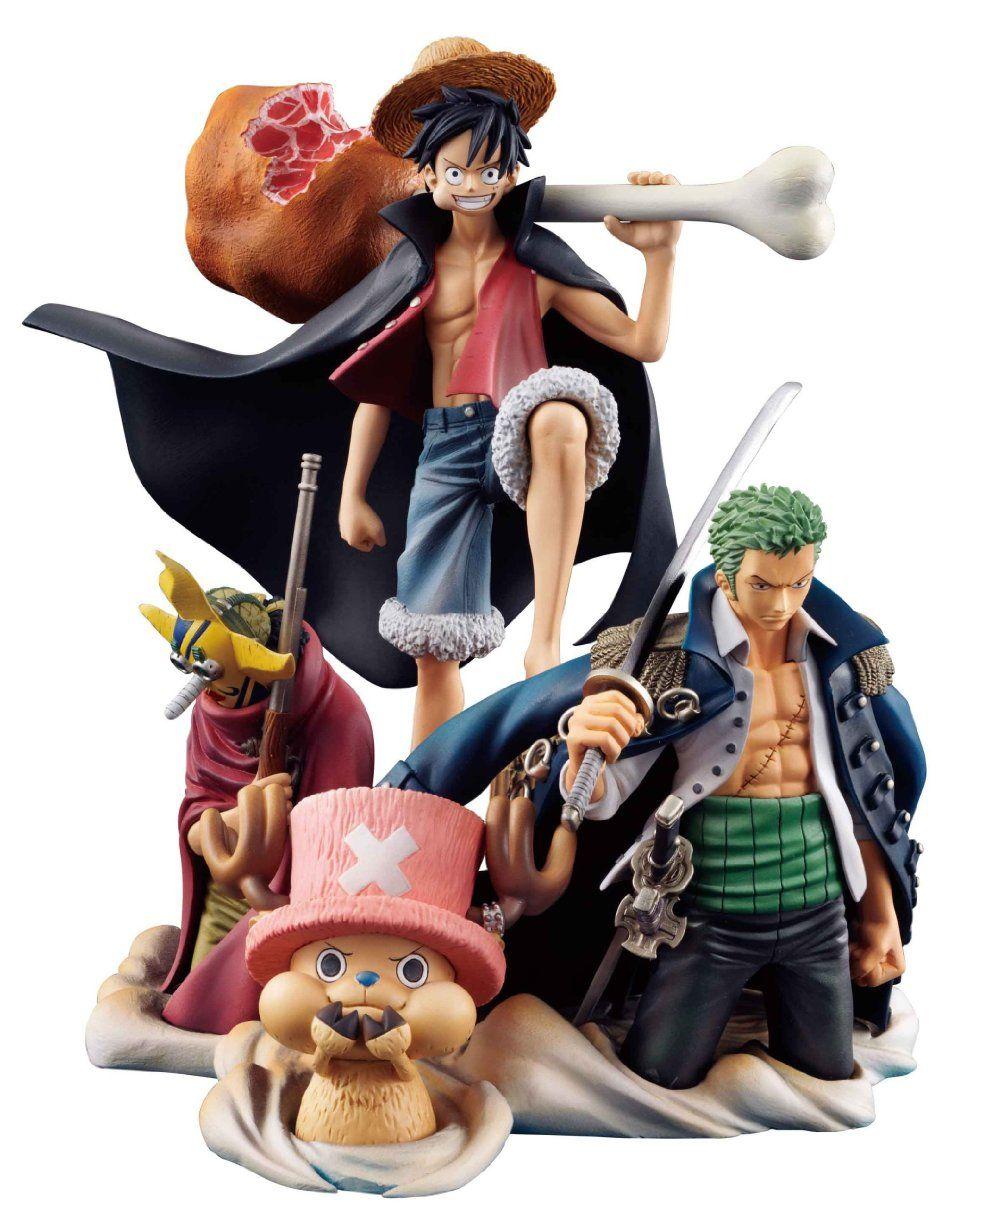 ONEPIECE One piece figurine, Anime, One piece figure